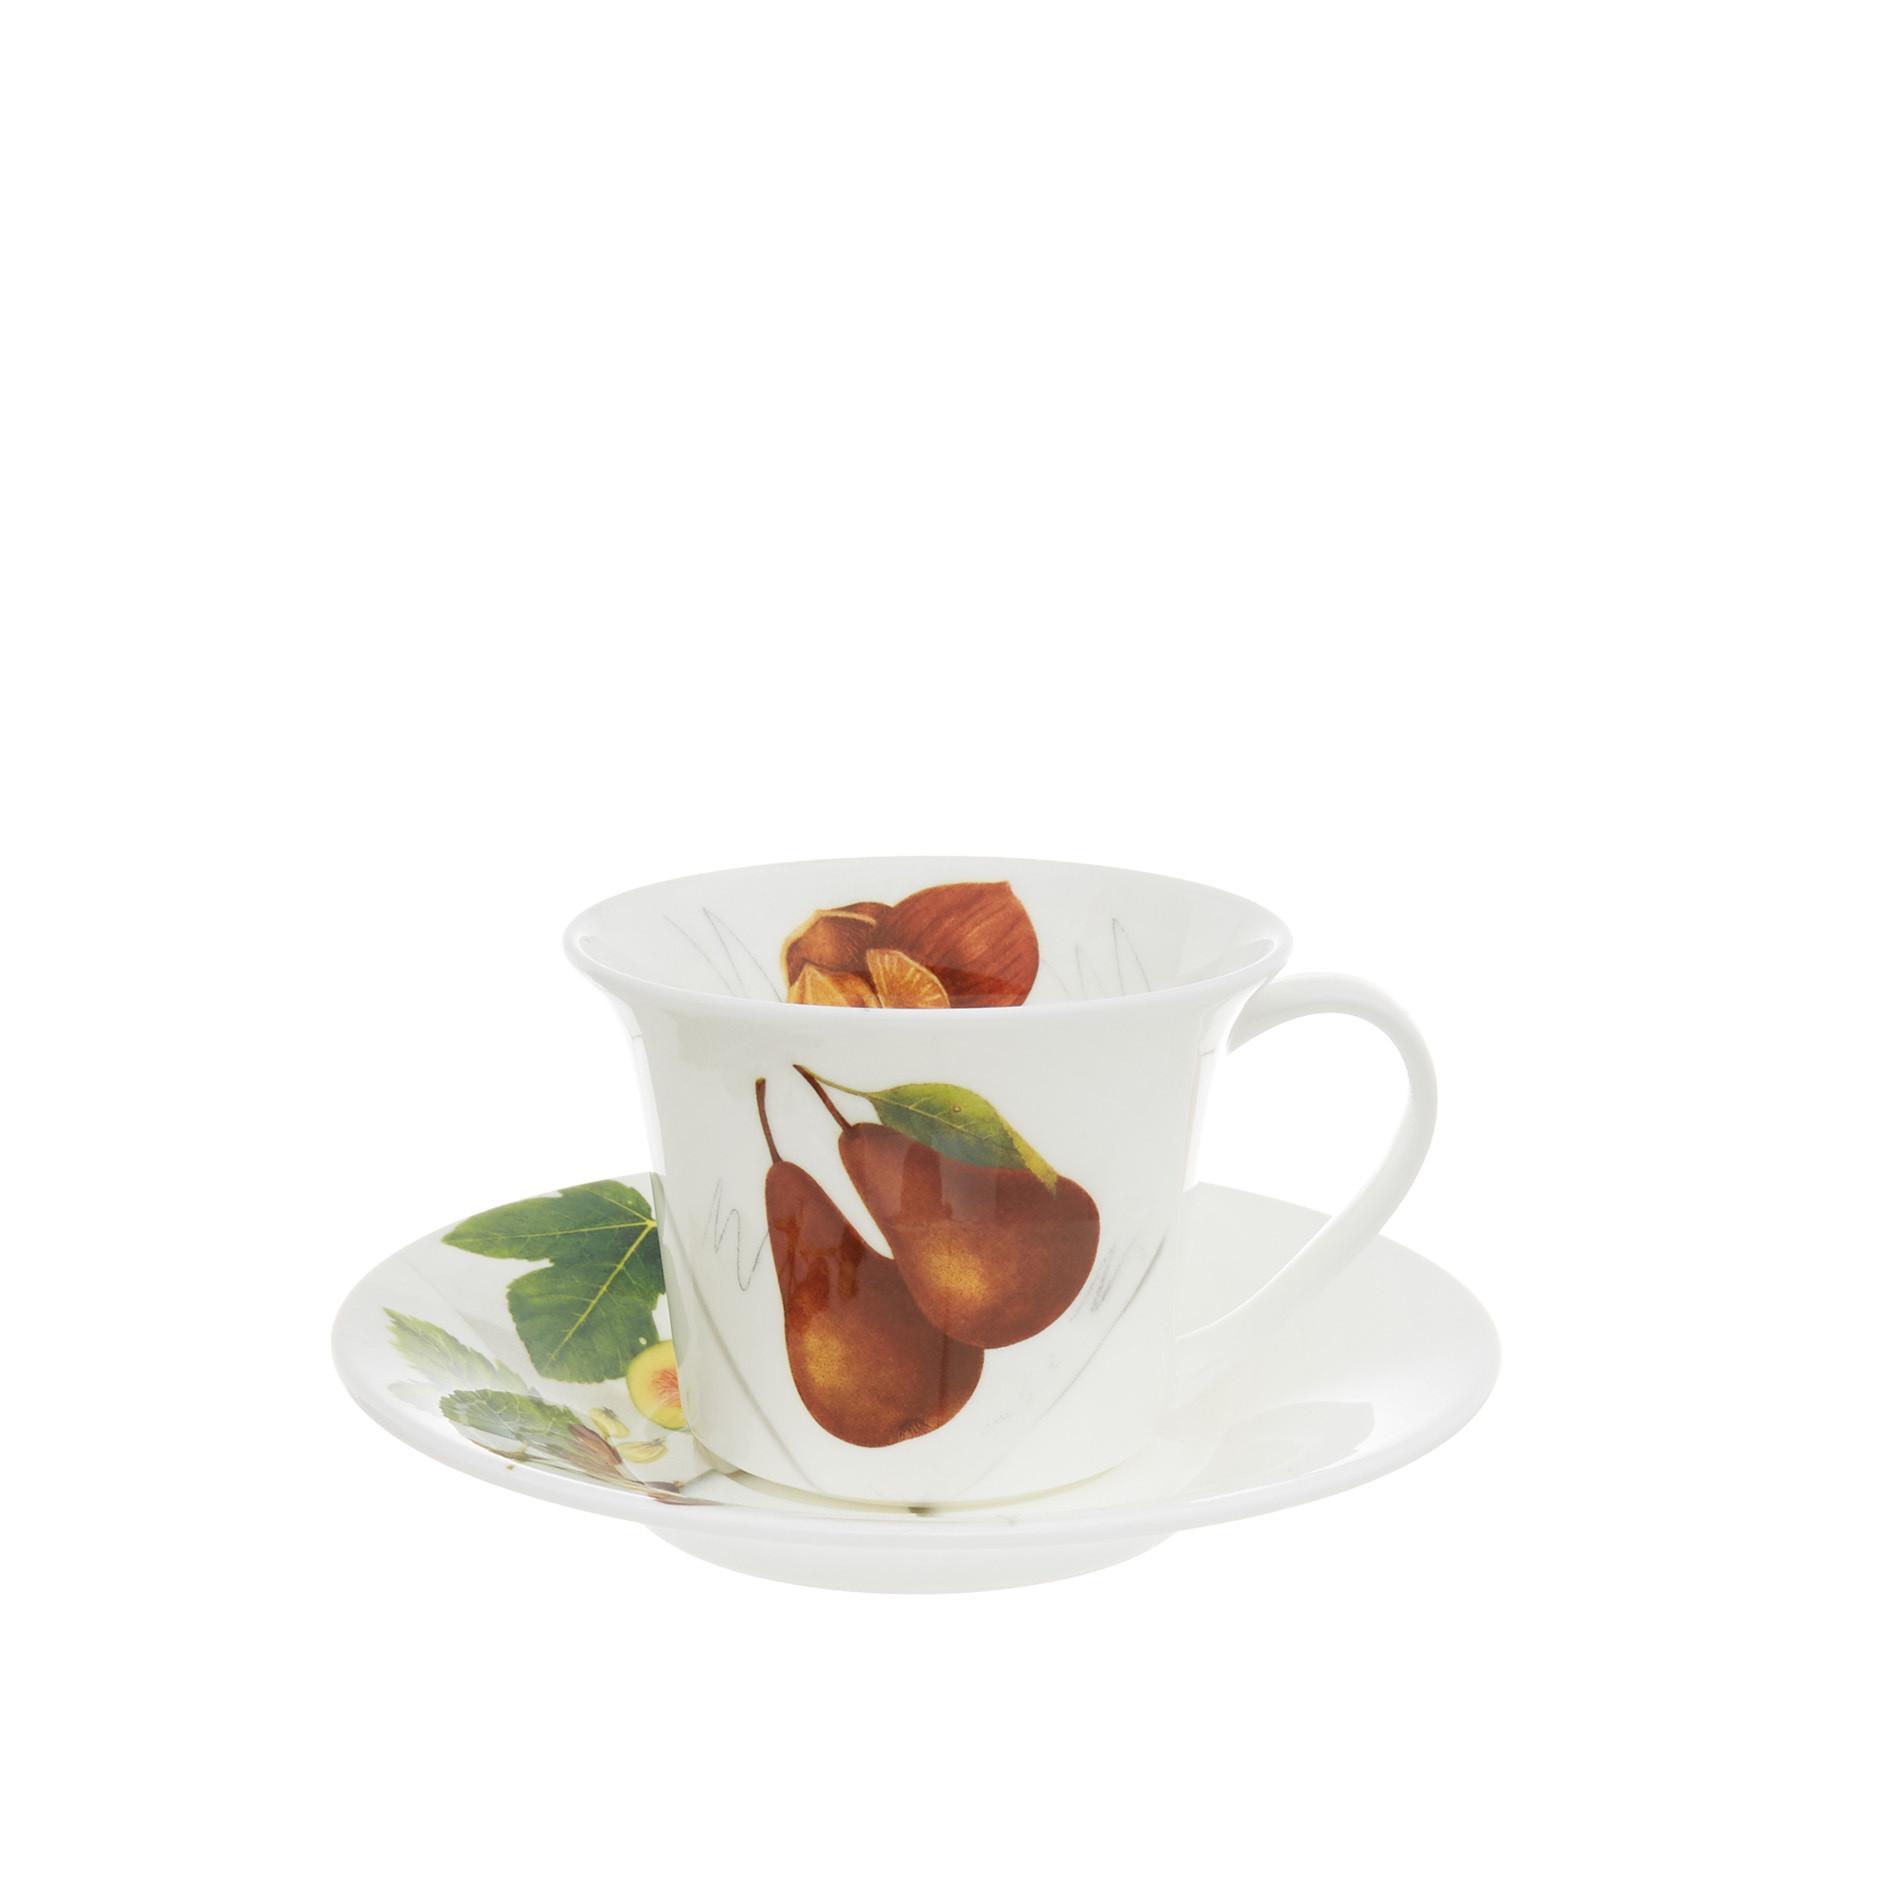 Tazza tea fine bone china decoro vegan La Cucina Italiana, Bianco, large image number 0